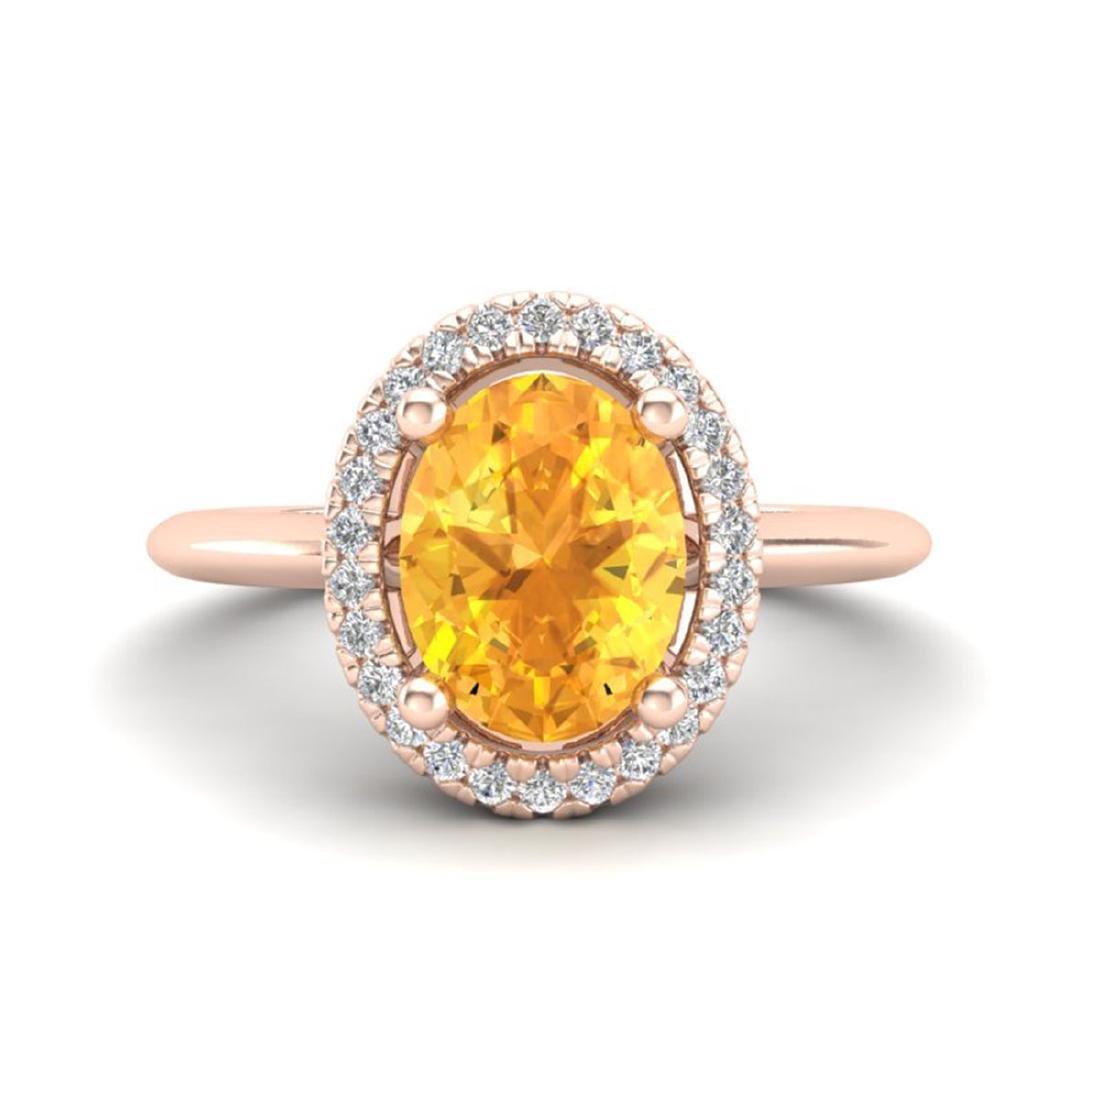 1.75 ctw Citrine & VS/SI Diamond Ring Halo 14K Rose